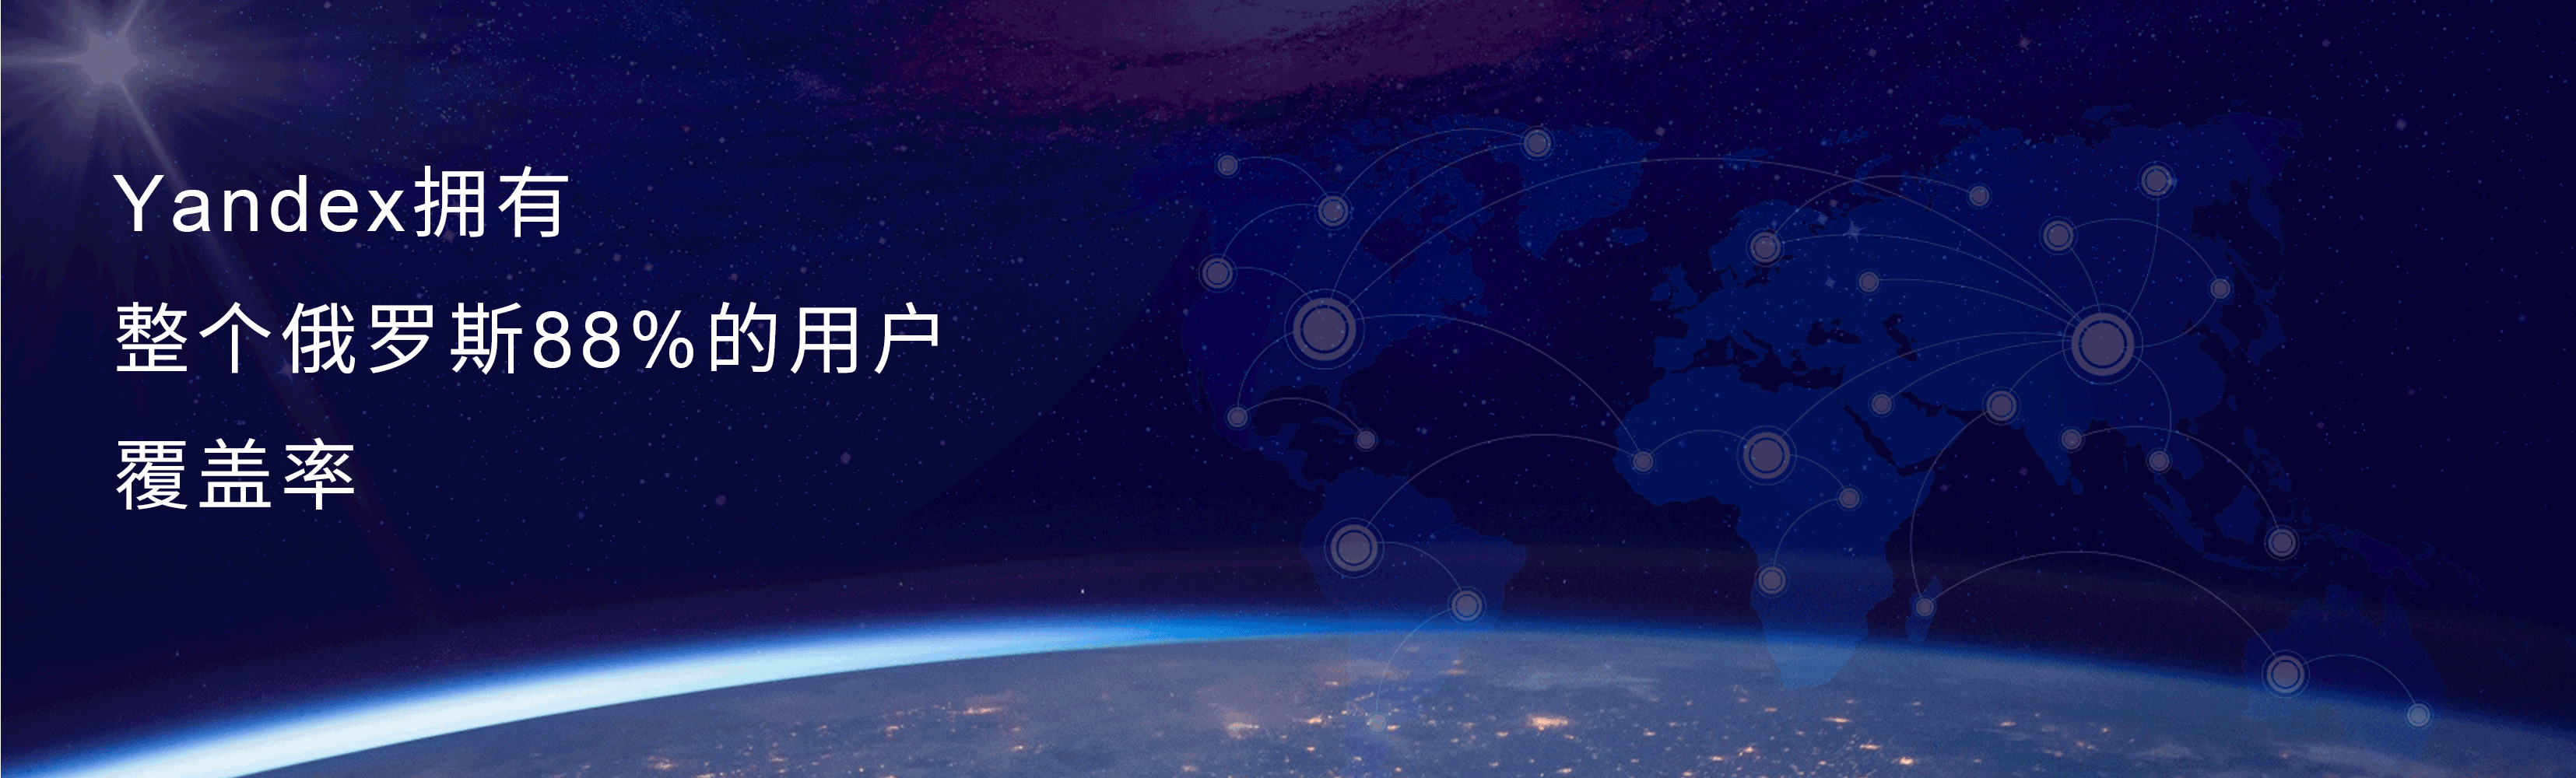 搜索营销 yandex简介 3